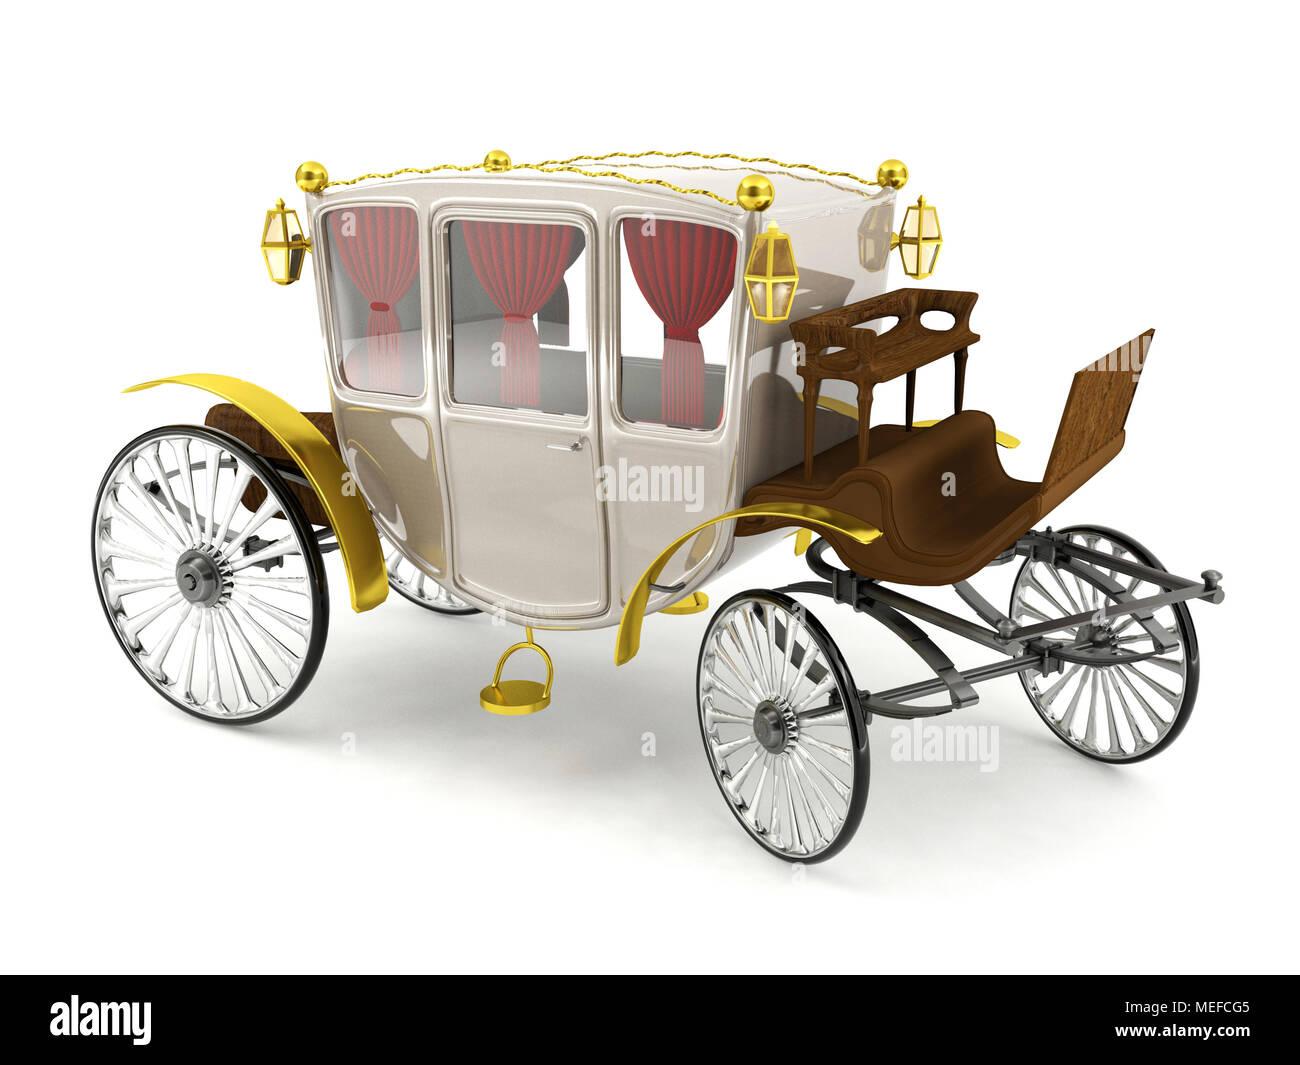 Luxury horse carriage isolated on white background - Stock Image